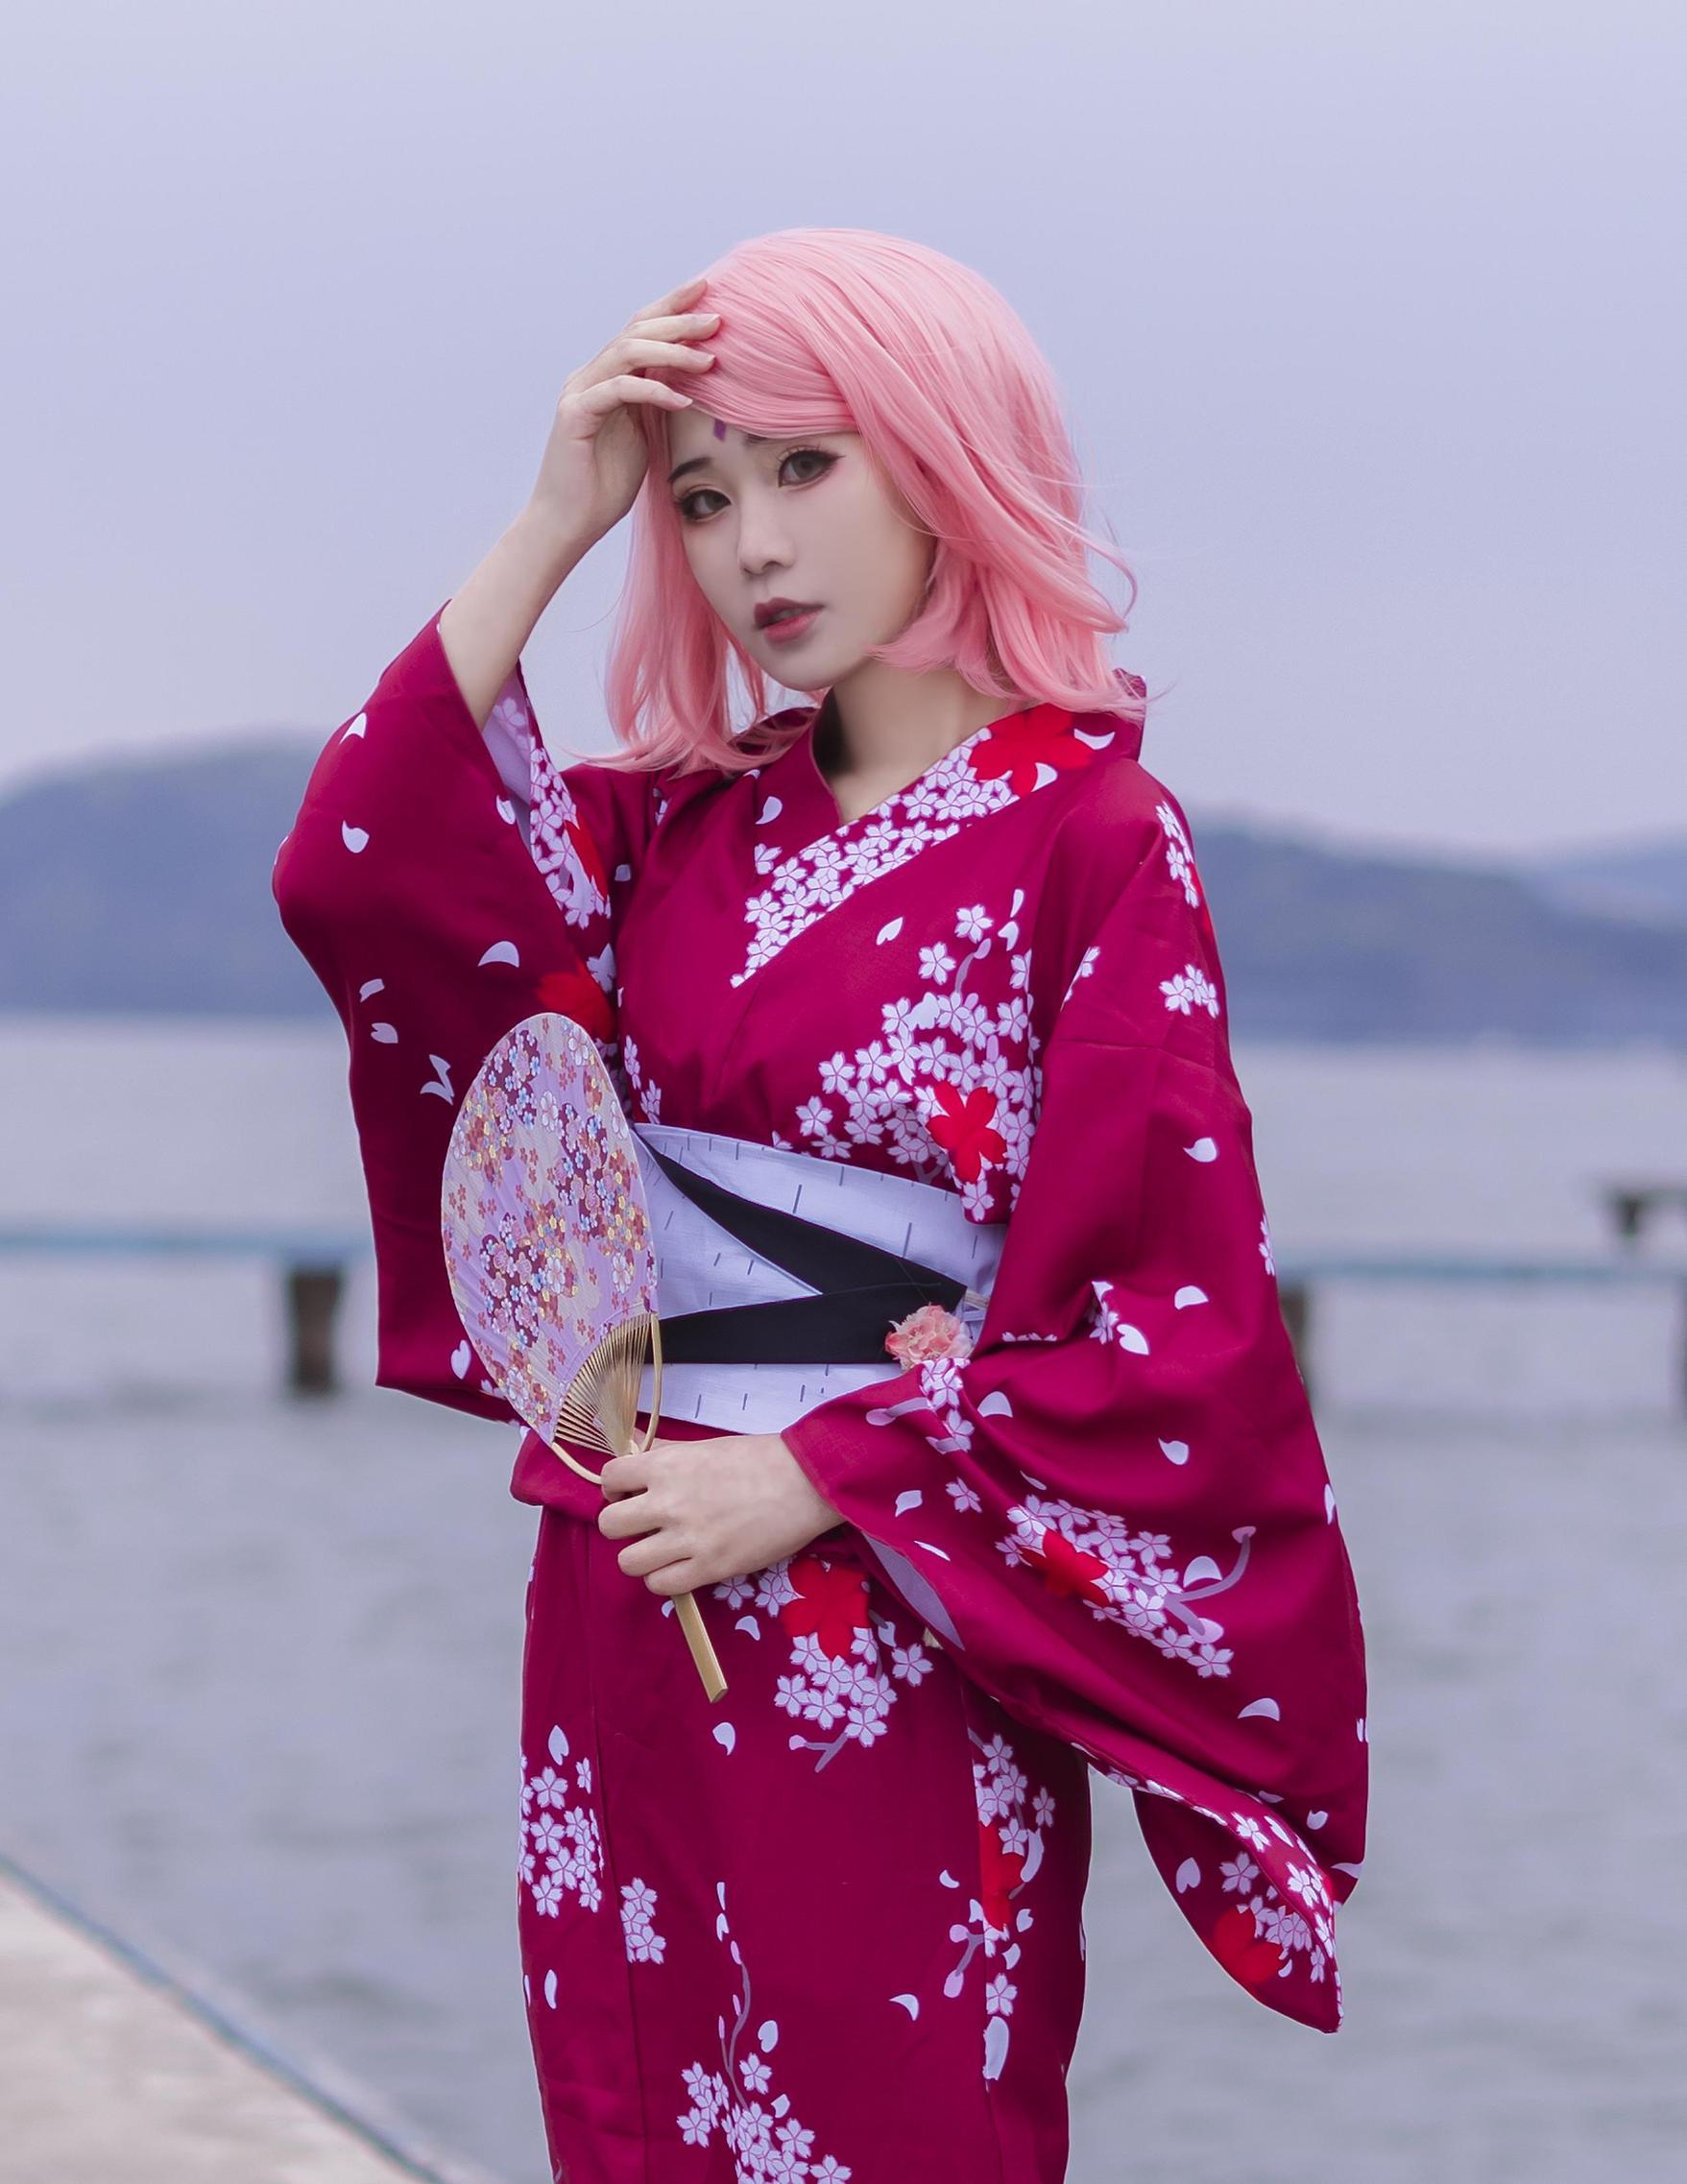 《火影忍者》火影忍者春野樱cosplay【CN:Naraku阿峰】-第1张